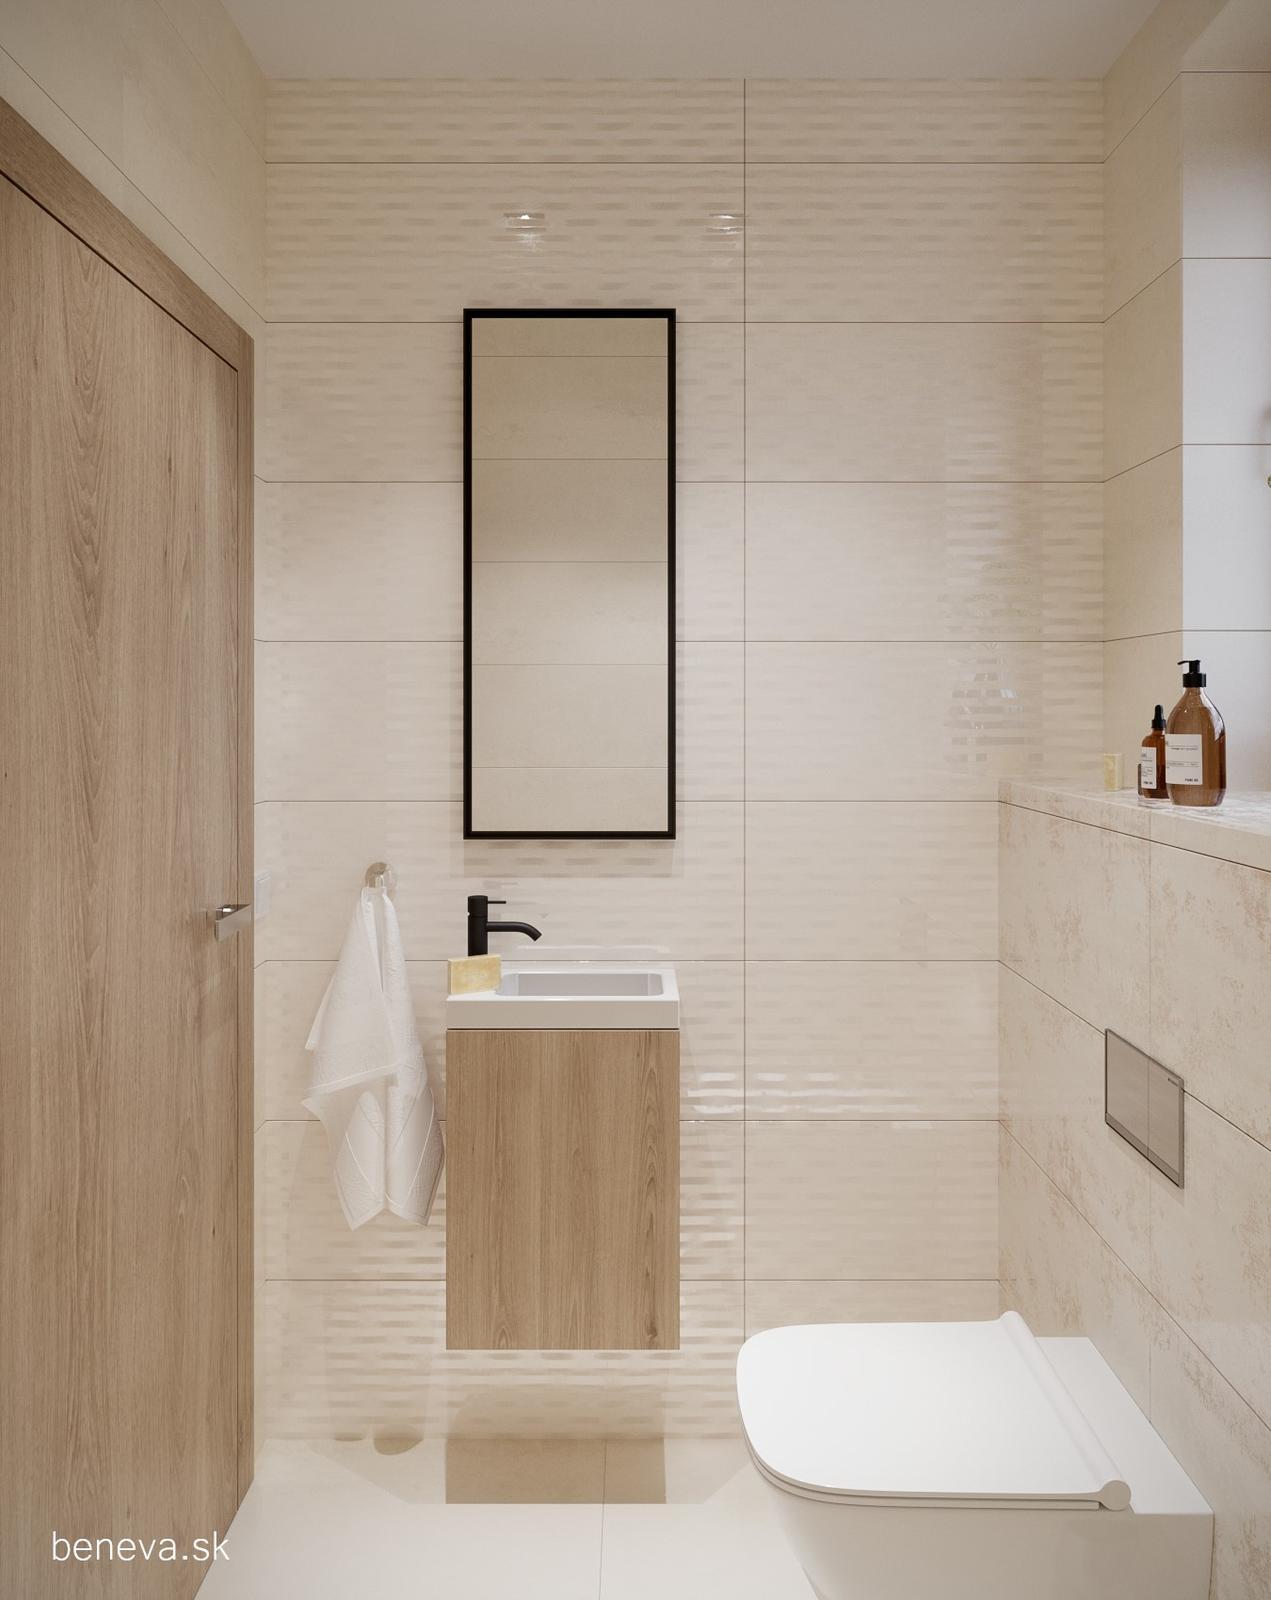 Moderná kúpeľňa / Vizualizácia - Obrázok č. 9